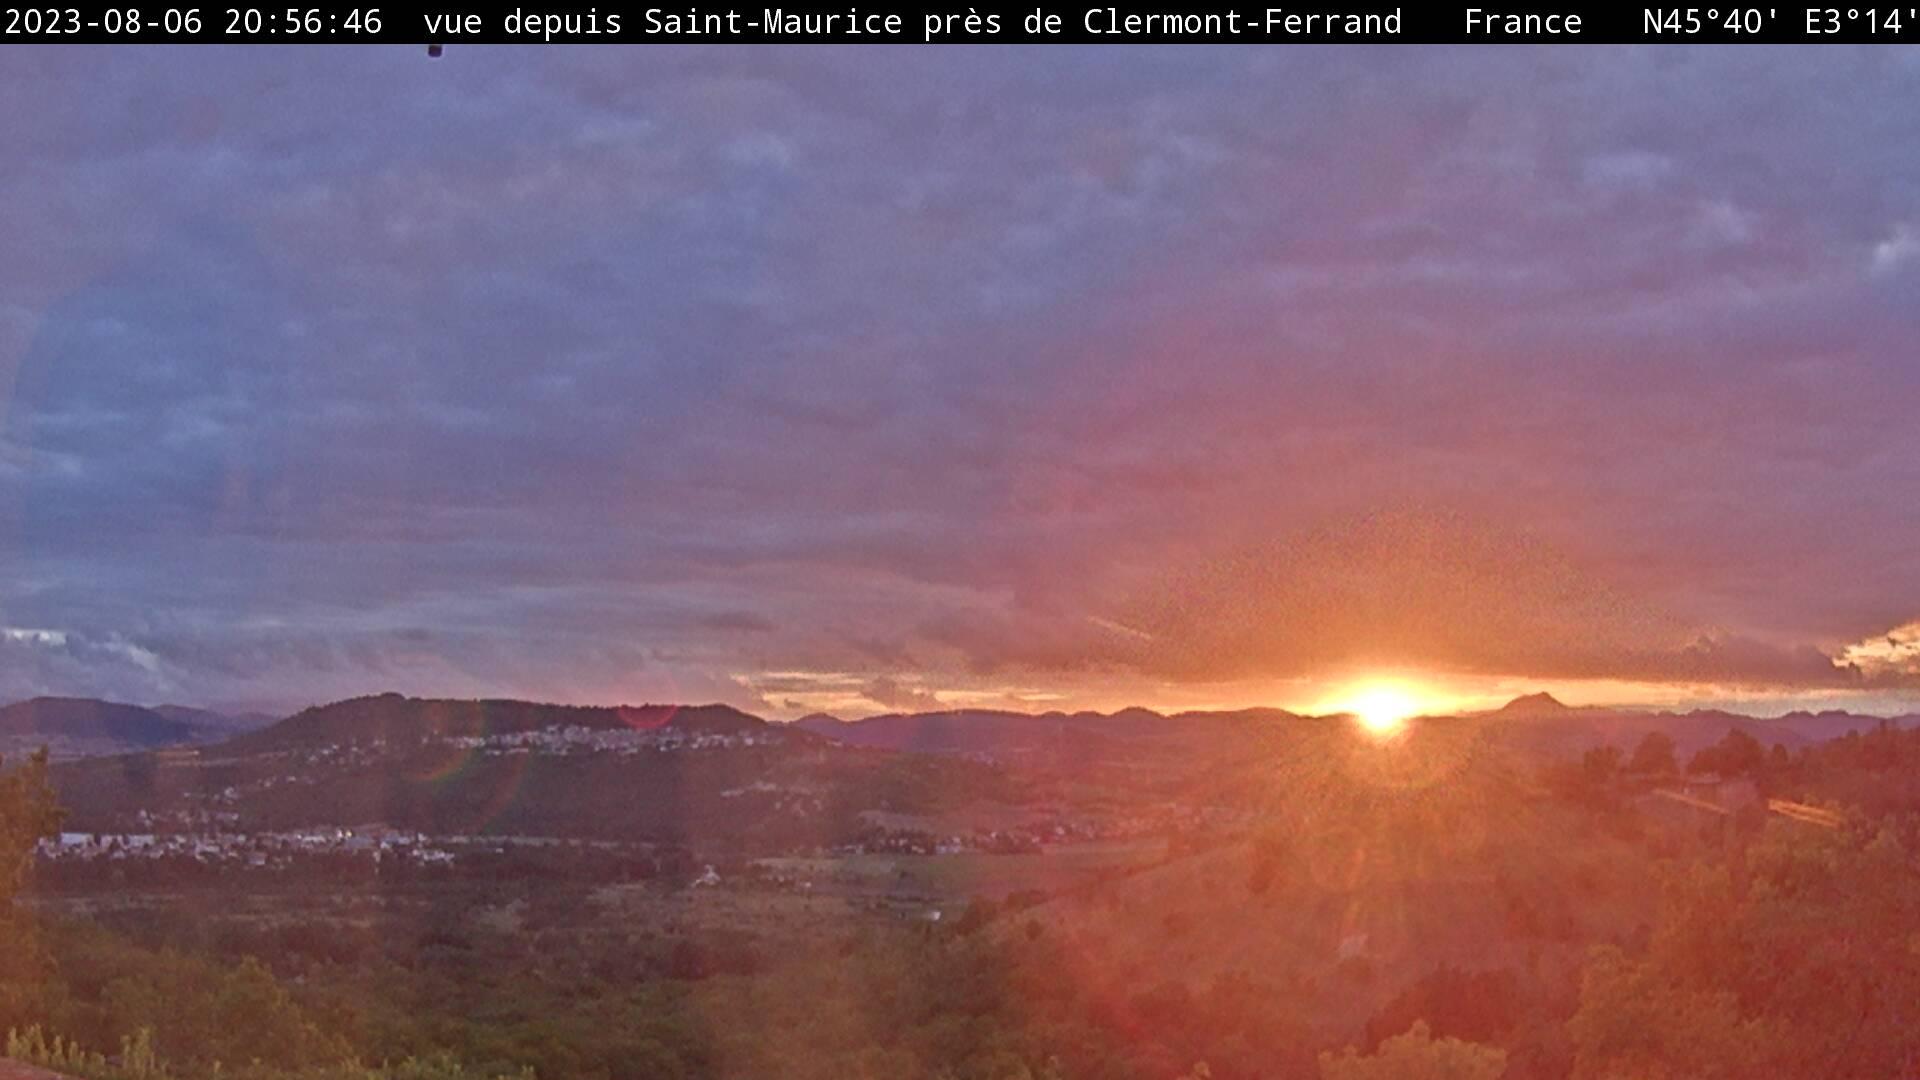 Saint-Maurice Sun. 20:57